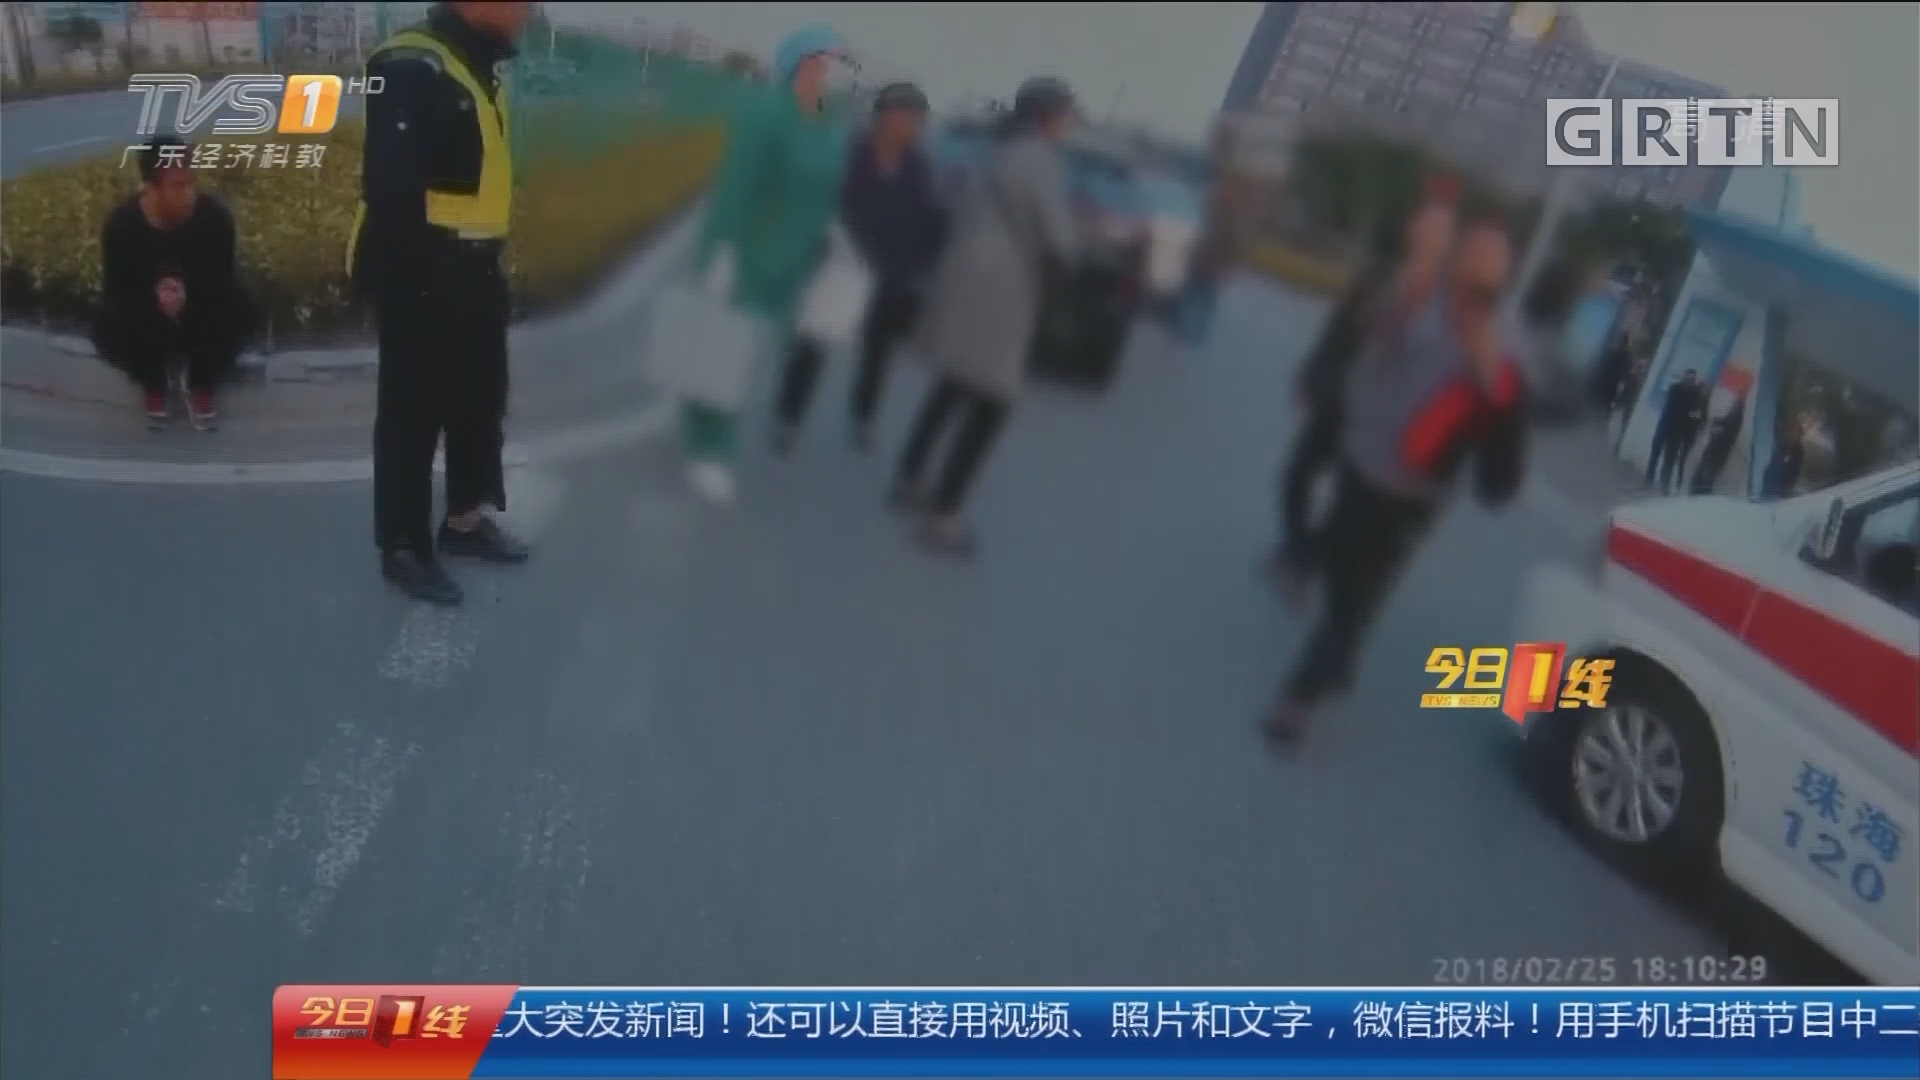 珠海:车子被撞本占理 却把自己送进拘留所?